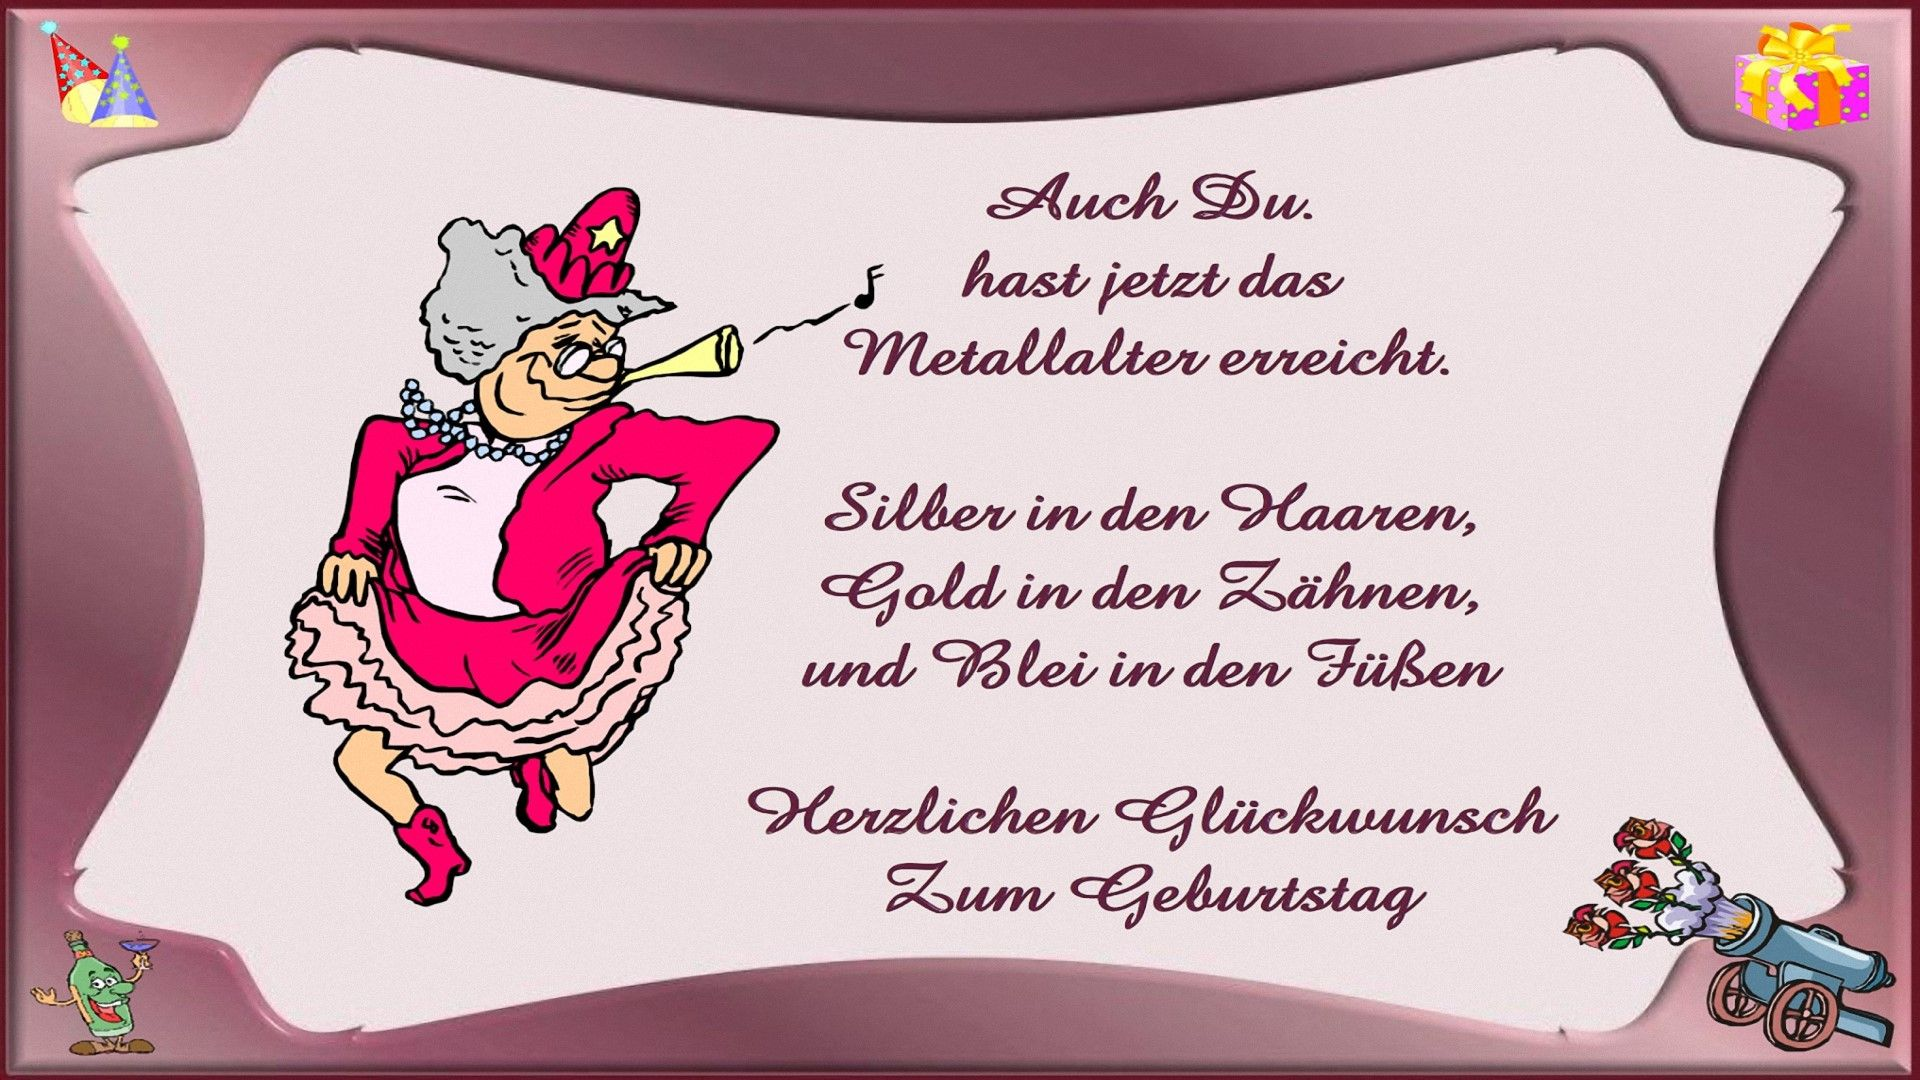 Geburtstagsbilder Und Spruche Kostenlos Unique Lustige Geburtstagsbilder Kostenlos Geburtstagsgeschenke Karten